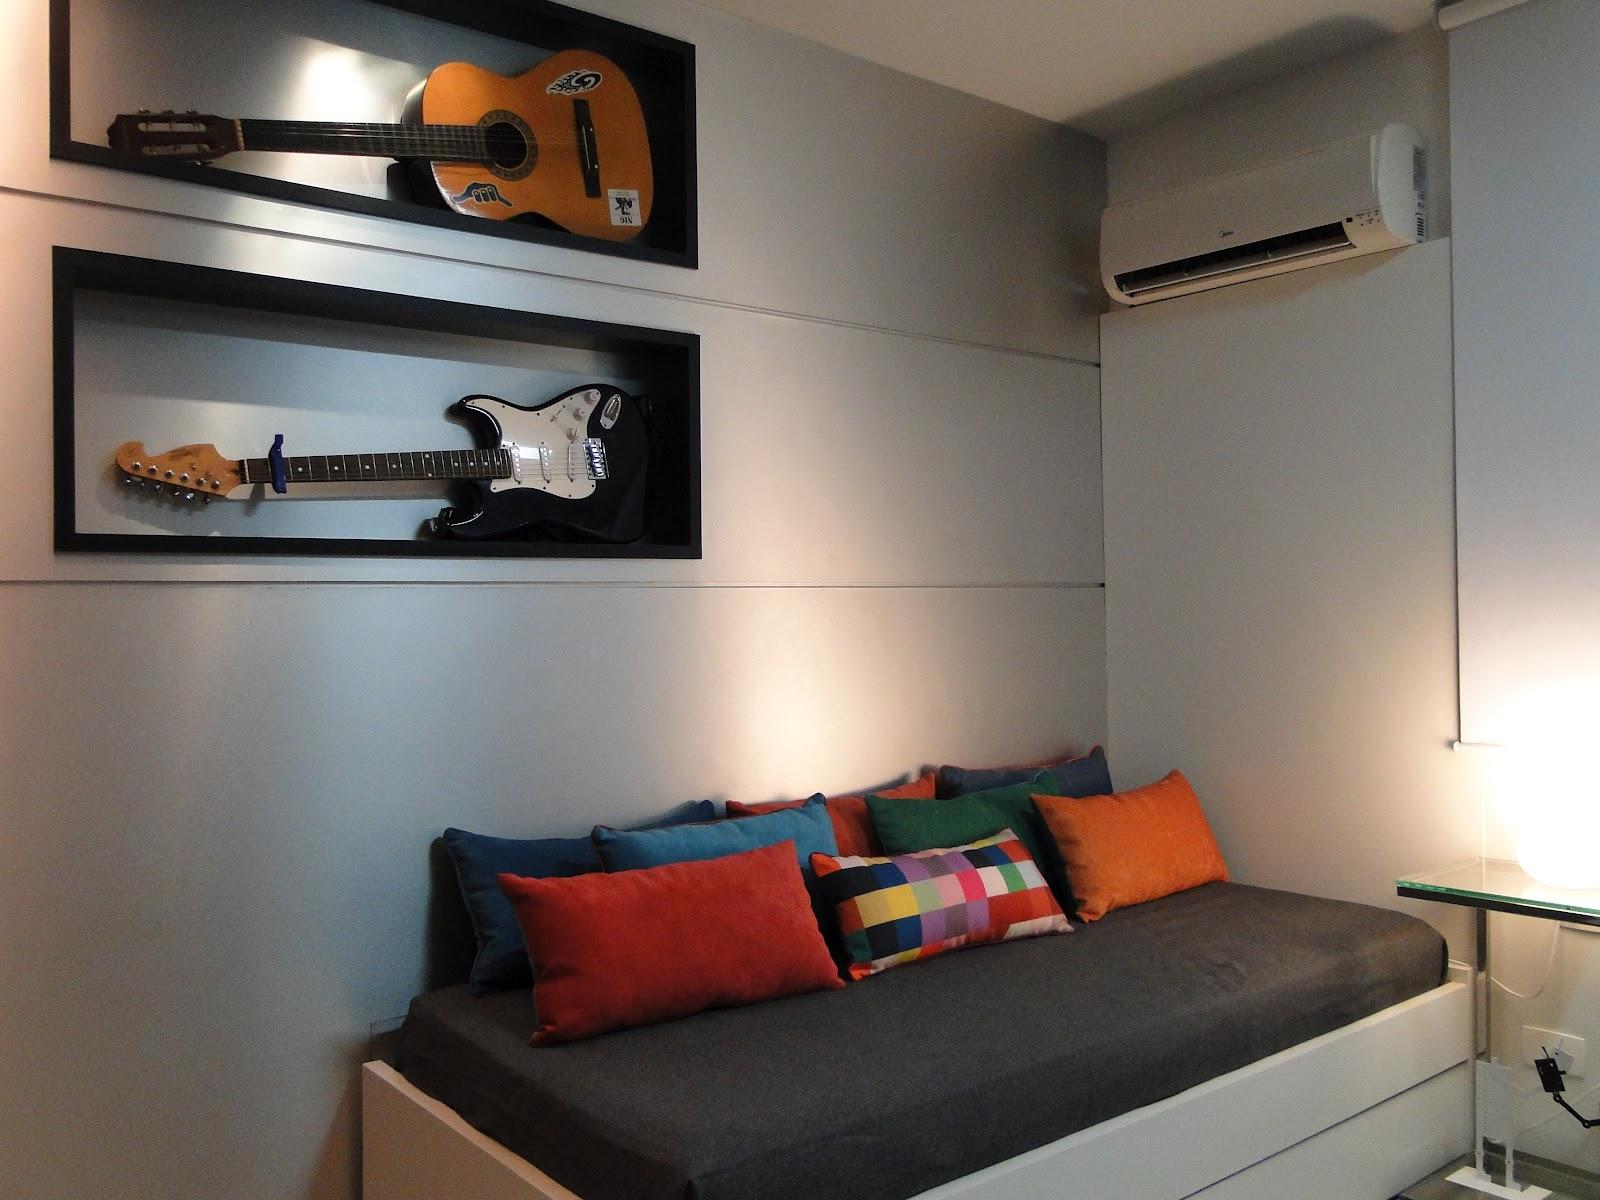 decoracao de interiores quarto de rapaz : decoracao de interiores quarto de rapaz:Diâmetro Design de Interior: QUARTO DE RAPAZ